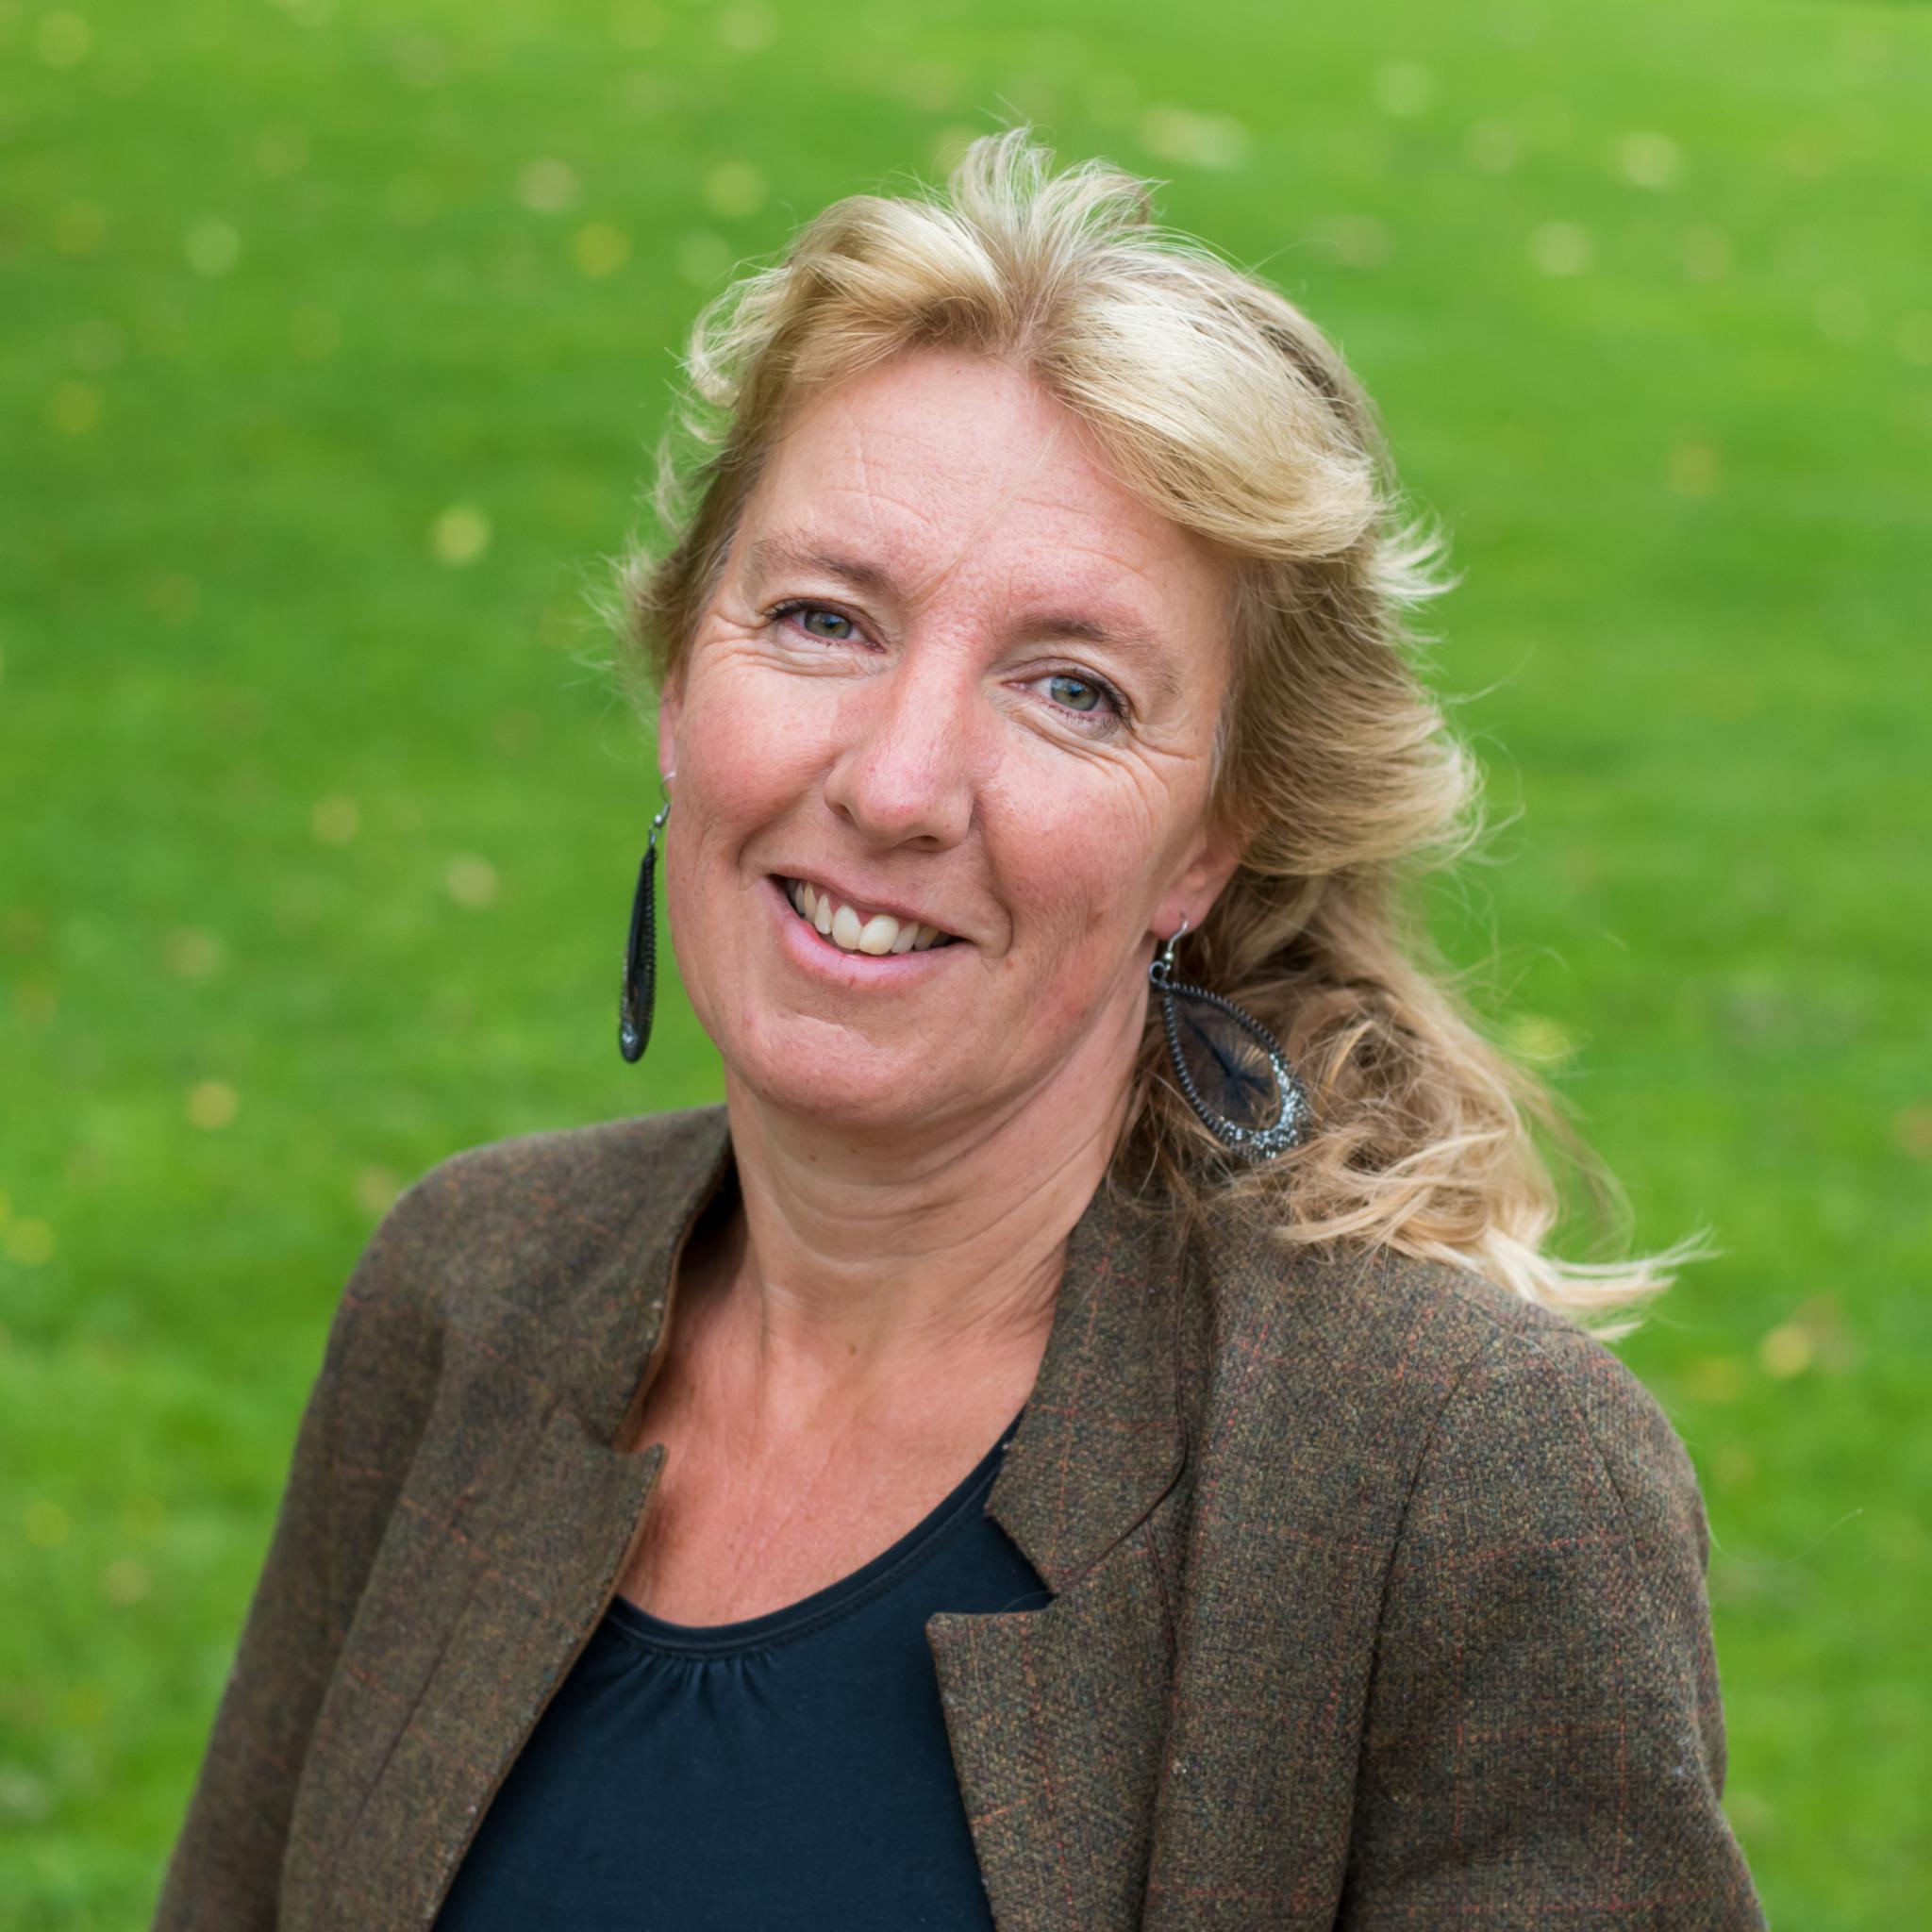 Annette de Boer